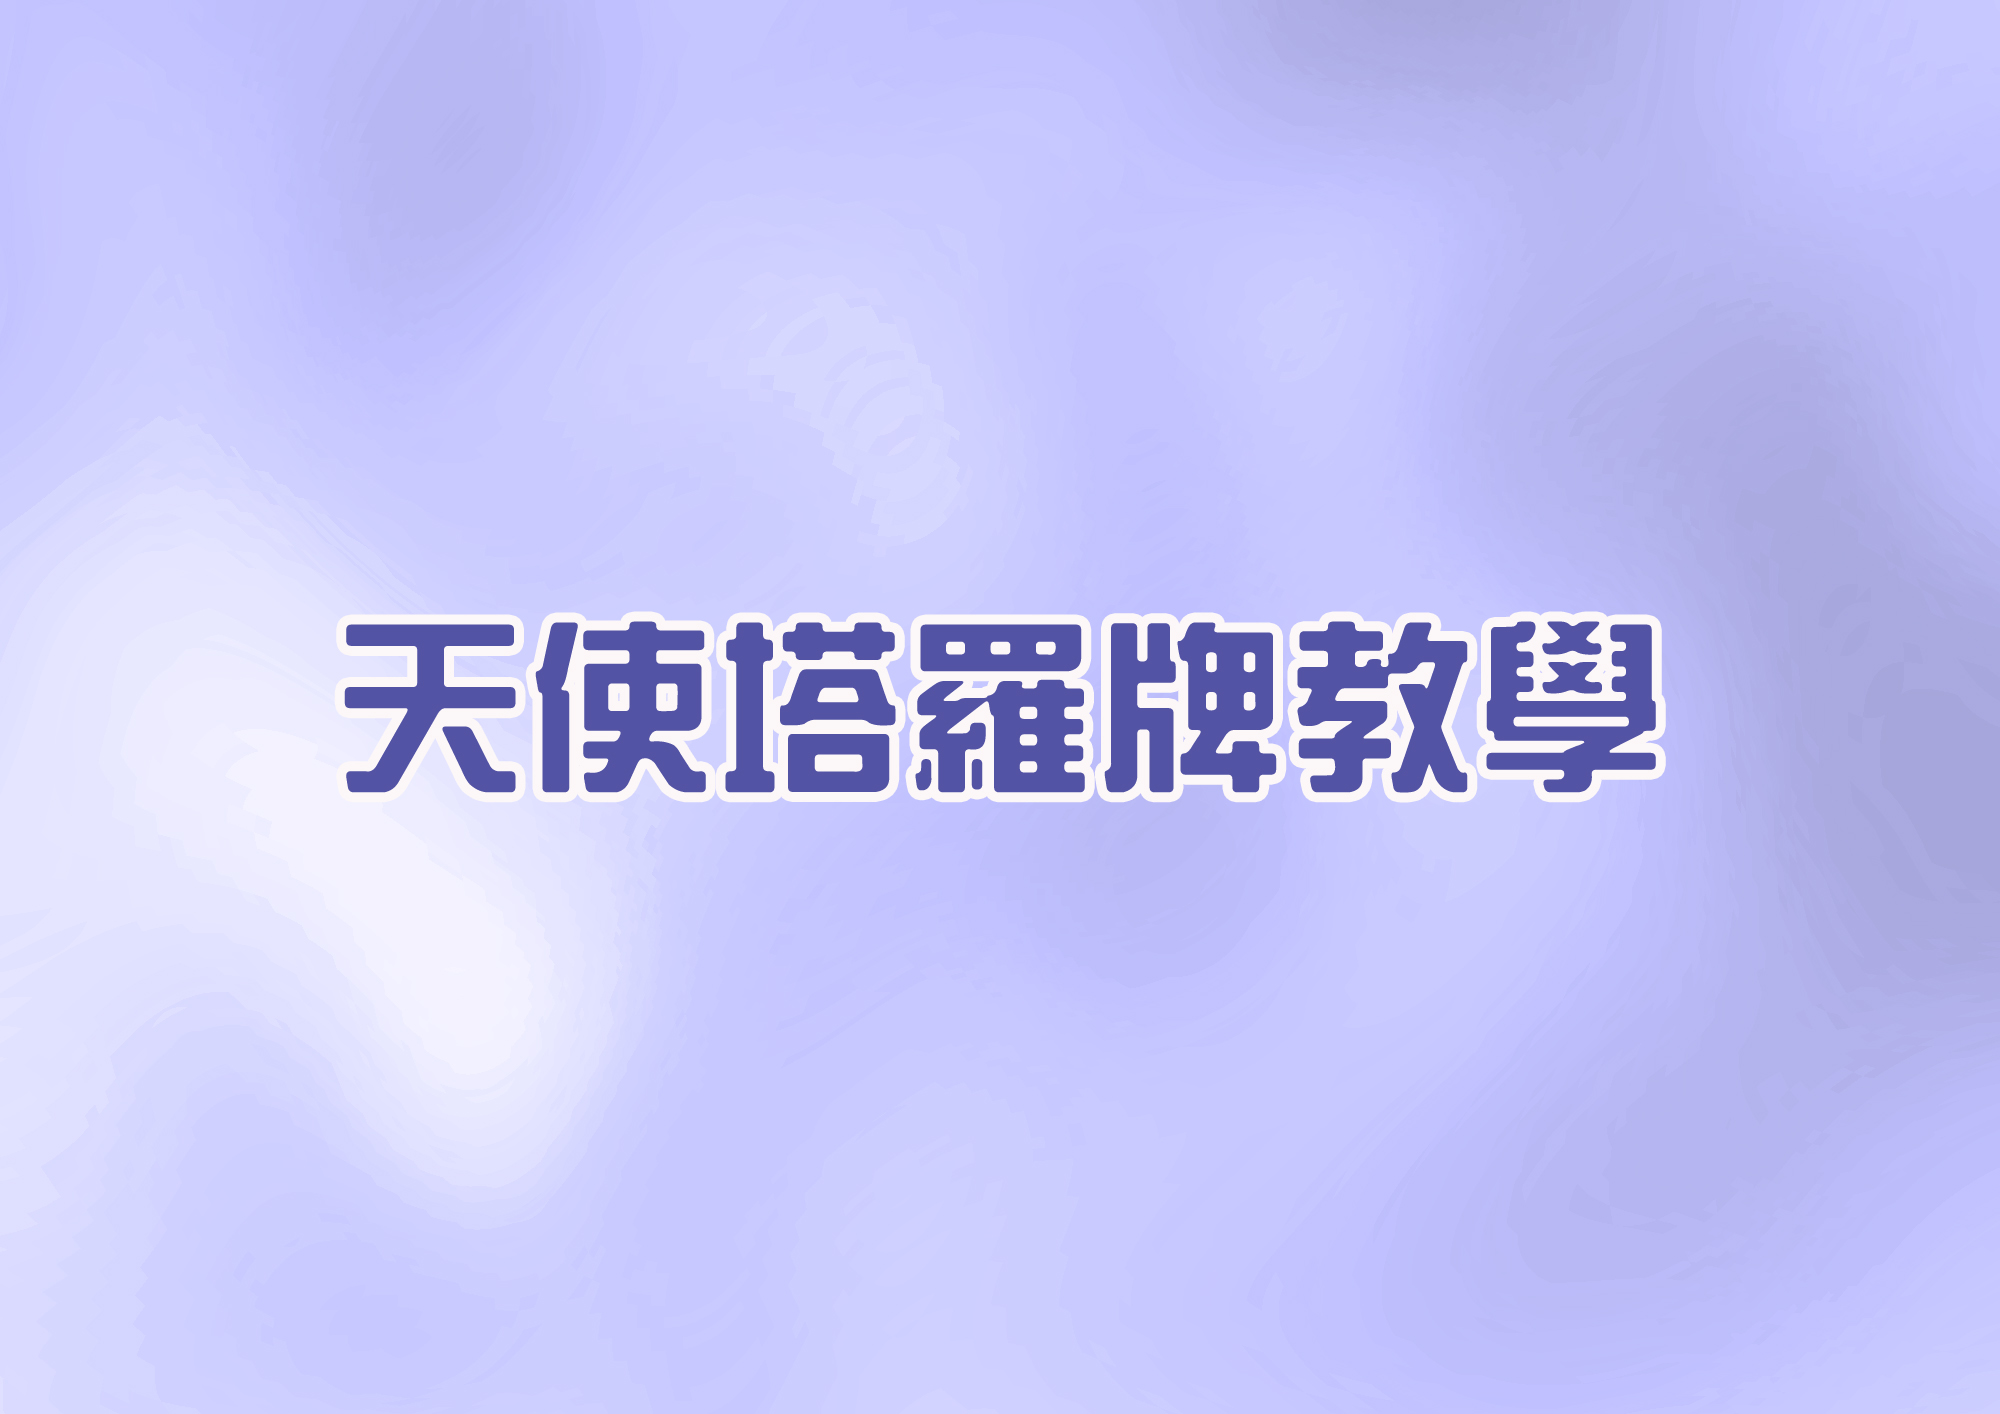 (一人可開班)天使塔羅牌教學(不限堂數教到會) - 20210214094958-267605104.jpg(圖)